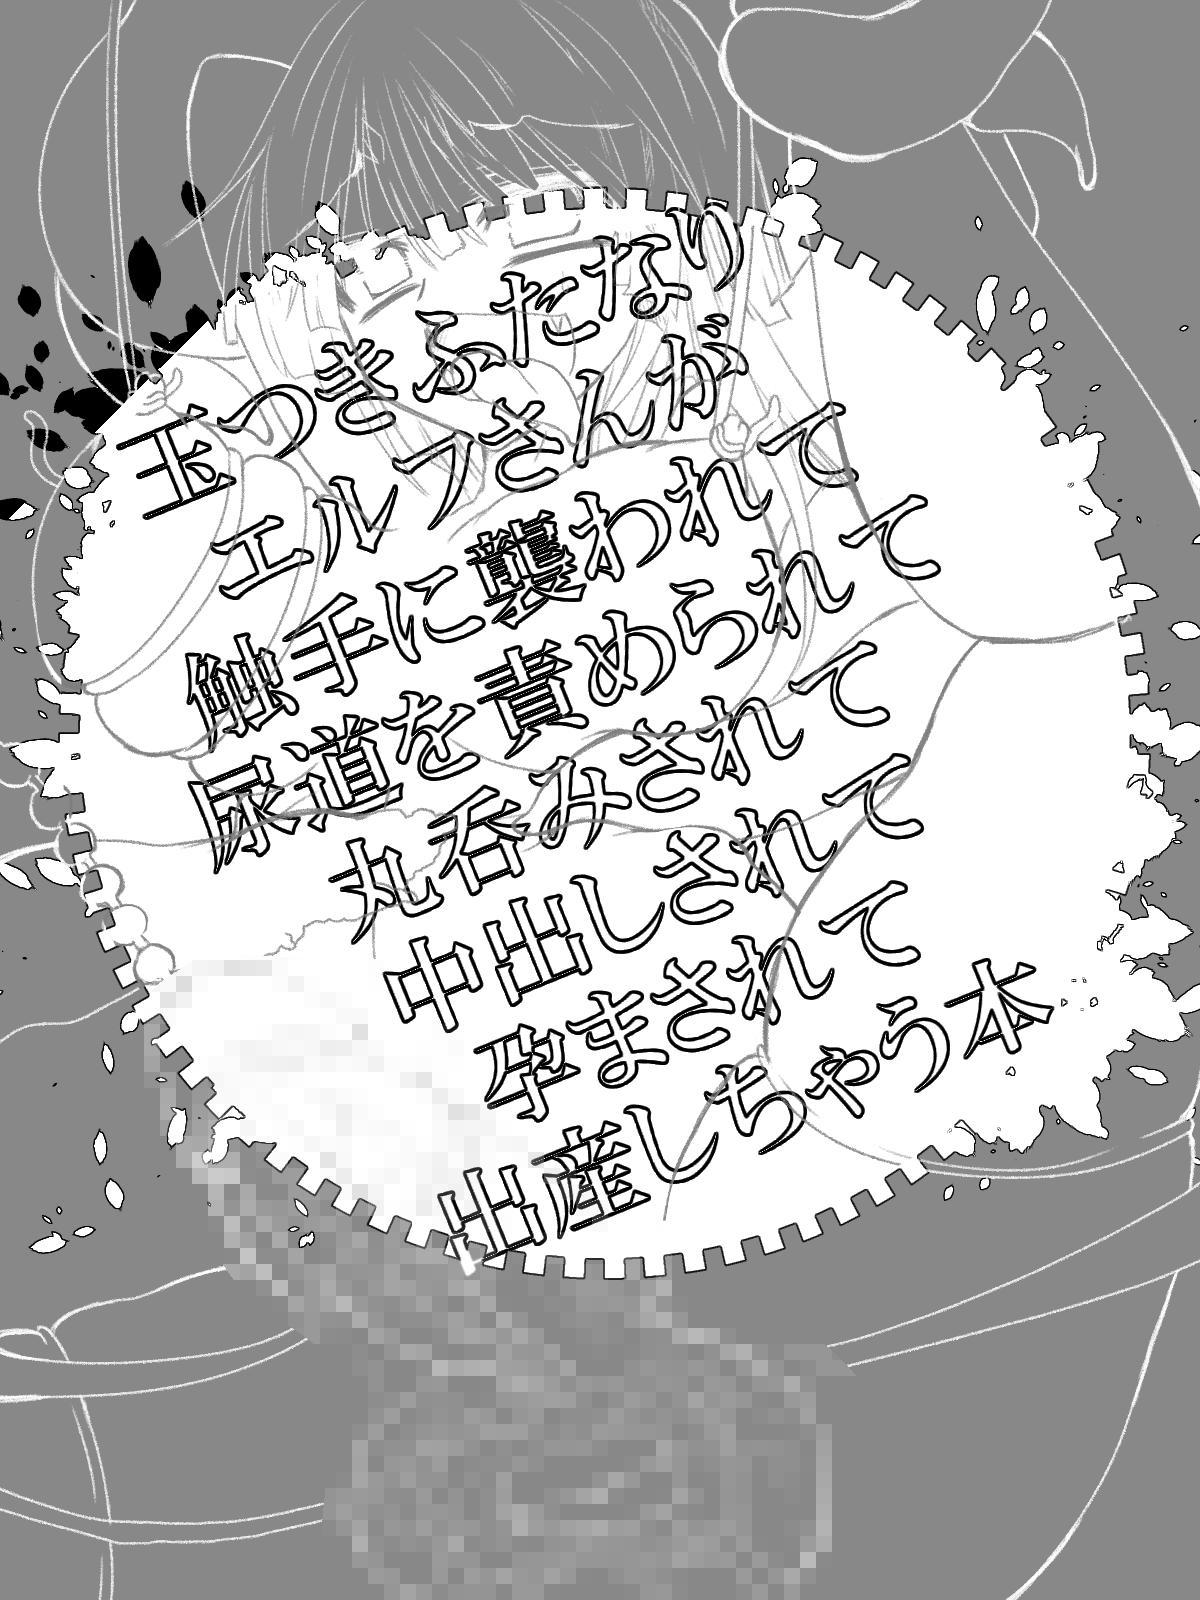 Tamatsuki Futanari Elf-san ga Shokushu ni Osowarete Nyoudou o Semerarete Marunomi Sarete Nakadashi Sarete Haramasarete Shussan Shichau Hon 1